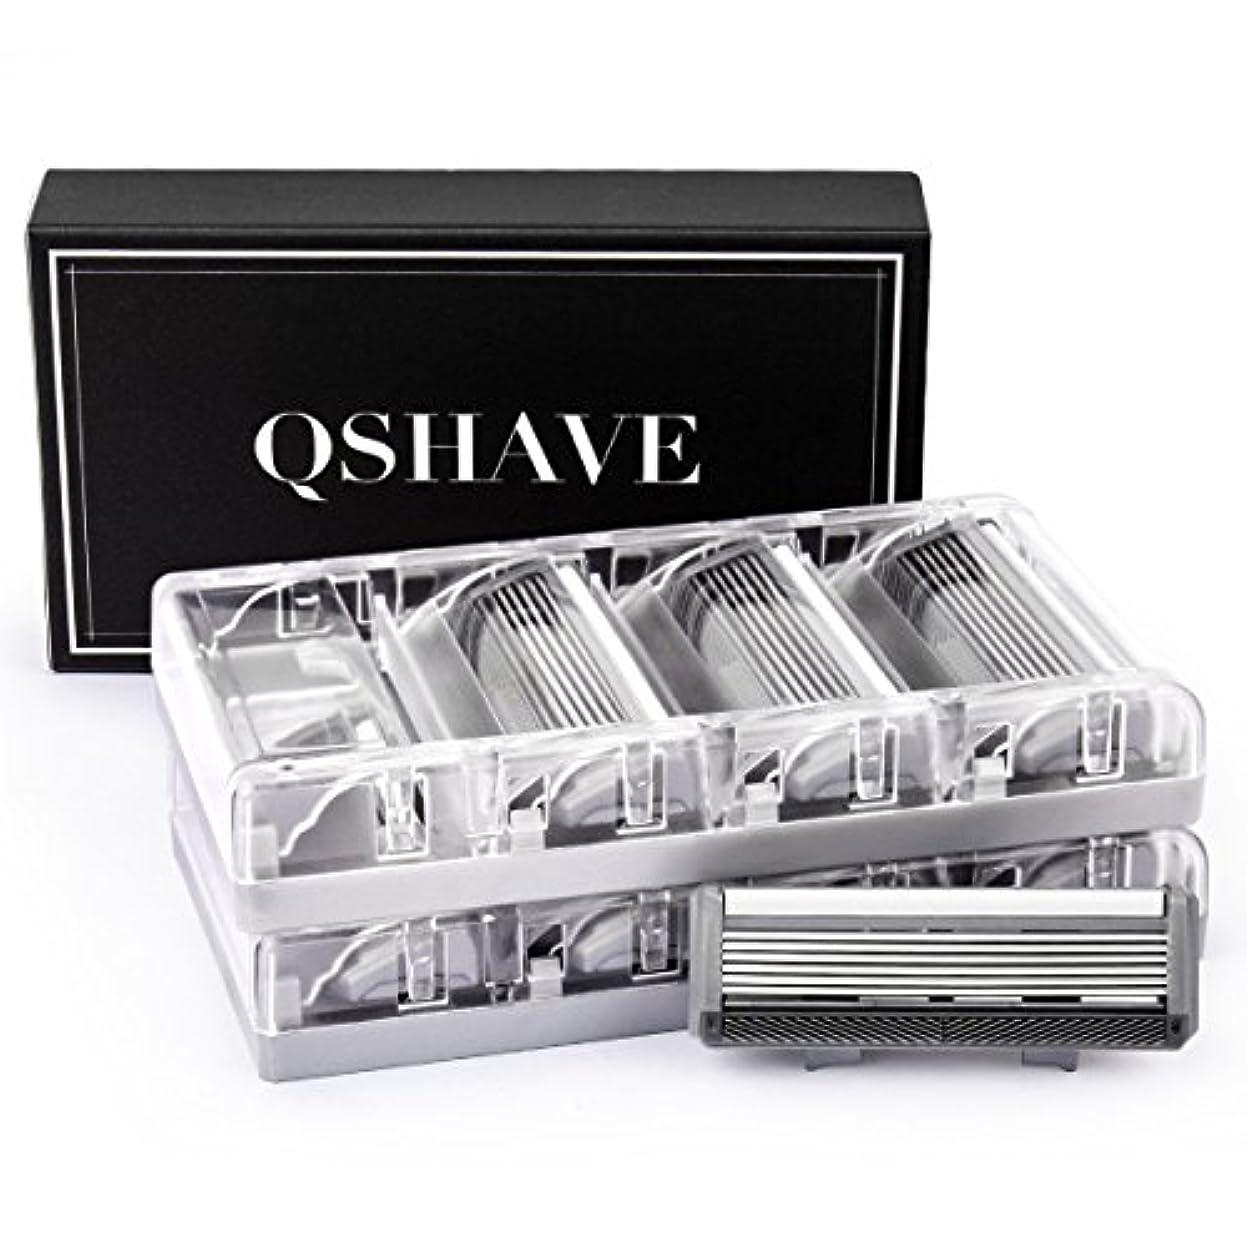 咲く実験的夫婦QSHAVEのX6 (6枚刃) カミソリ替刃カートリッジは、トリマーがドイツ製でQSHAVEブラックシリーズのカミソリにお使いいただけます。 (8つ入り)